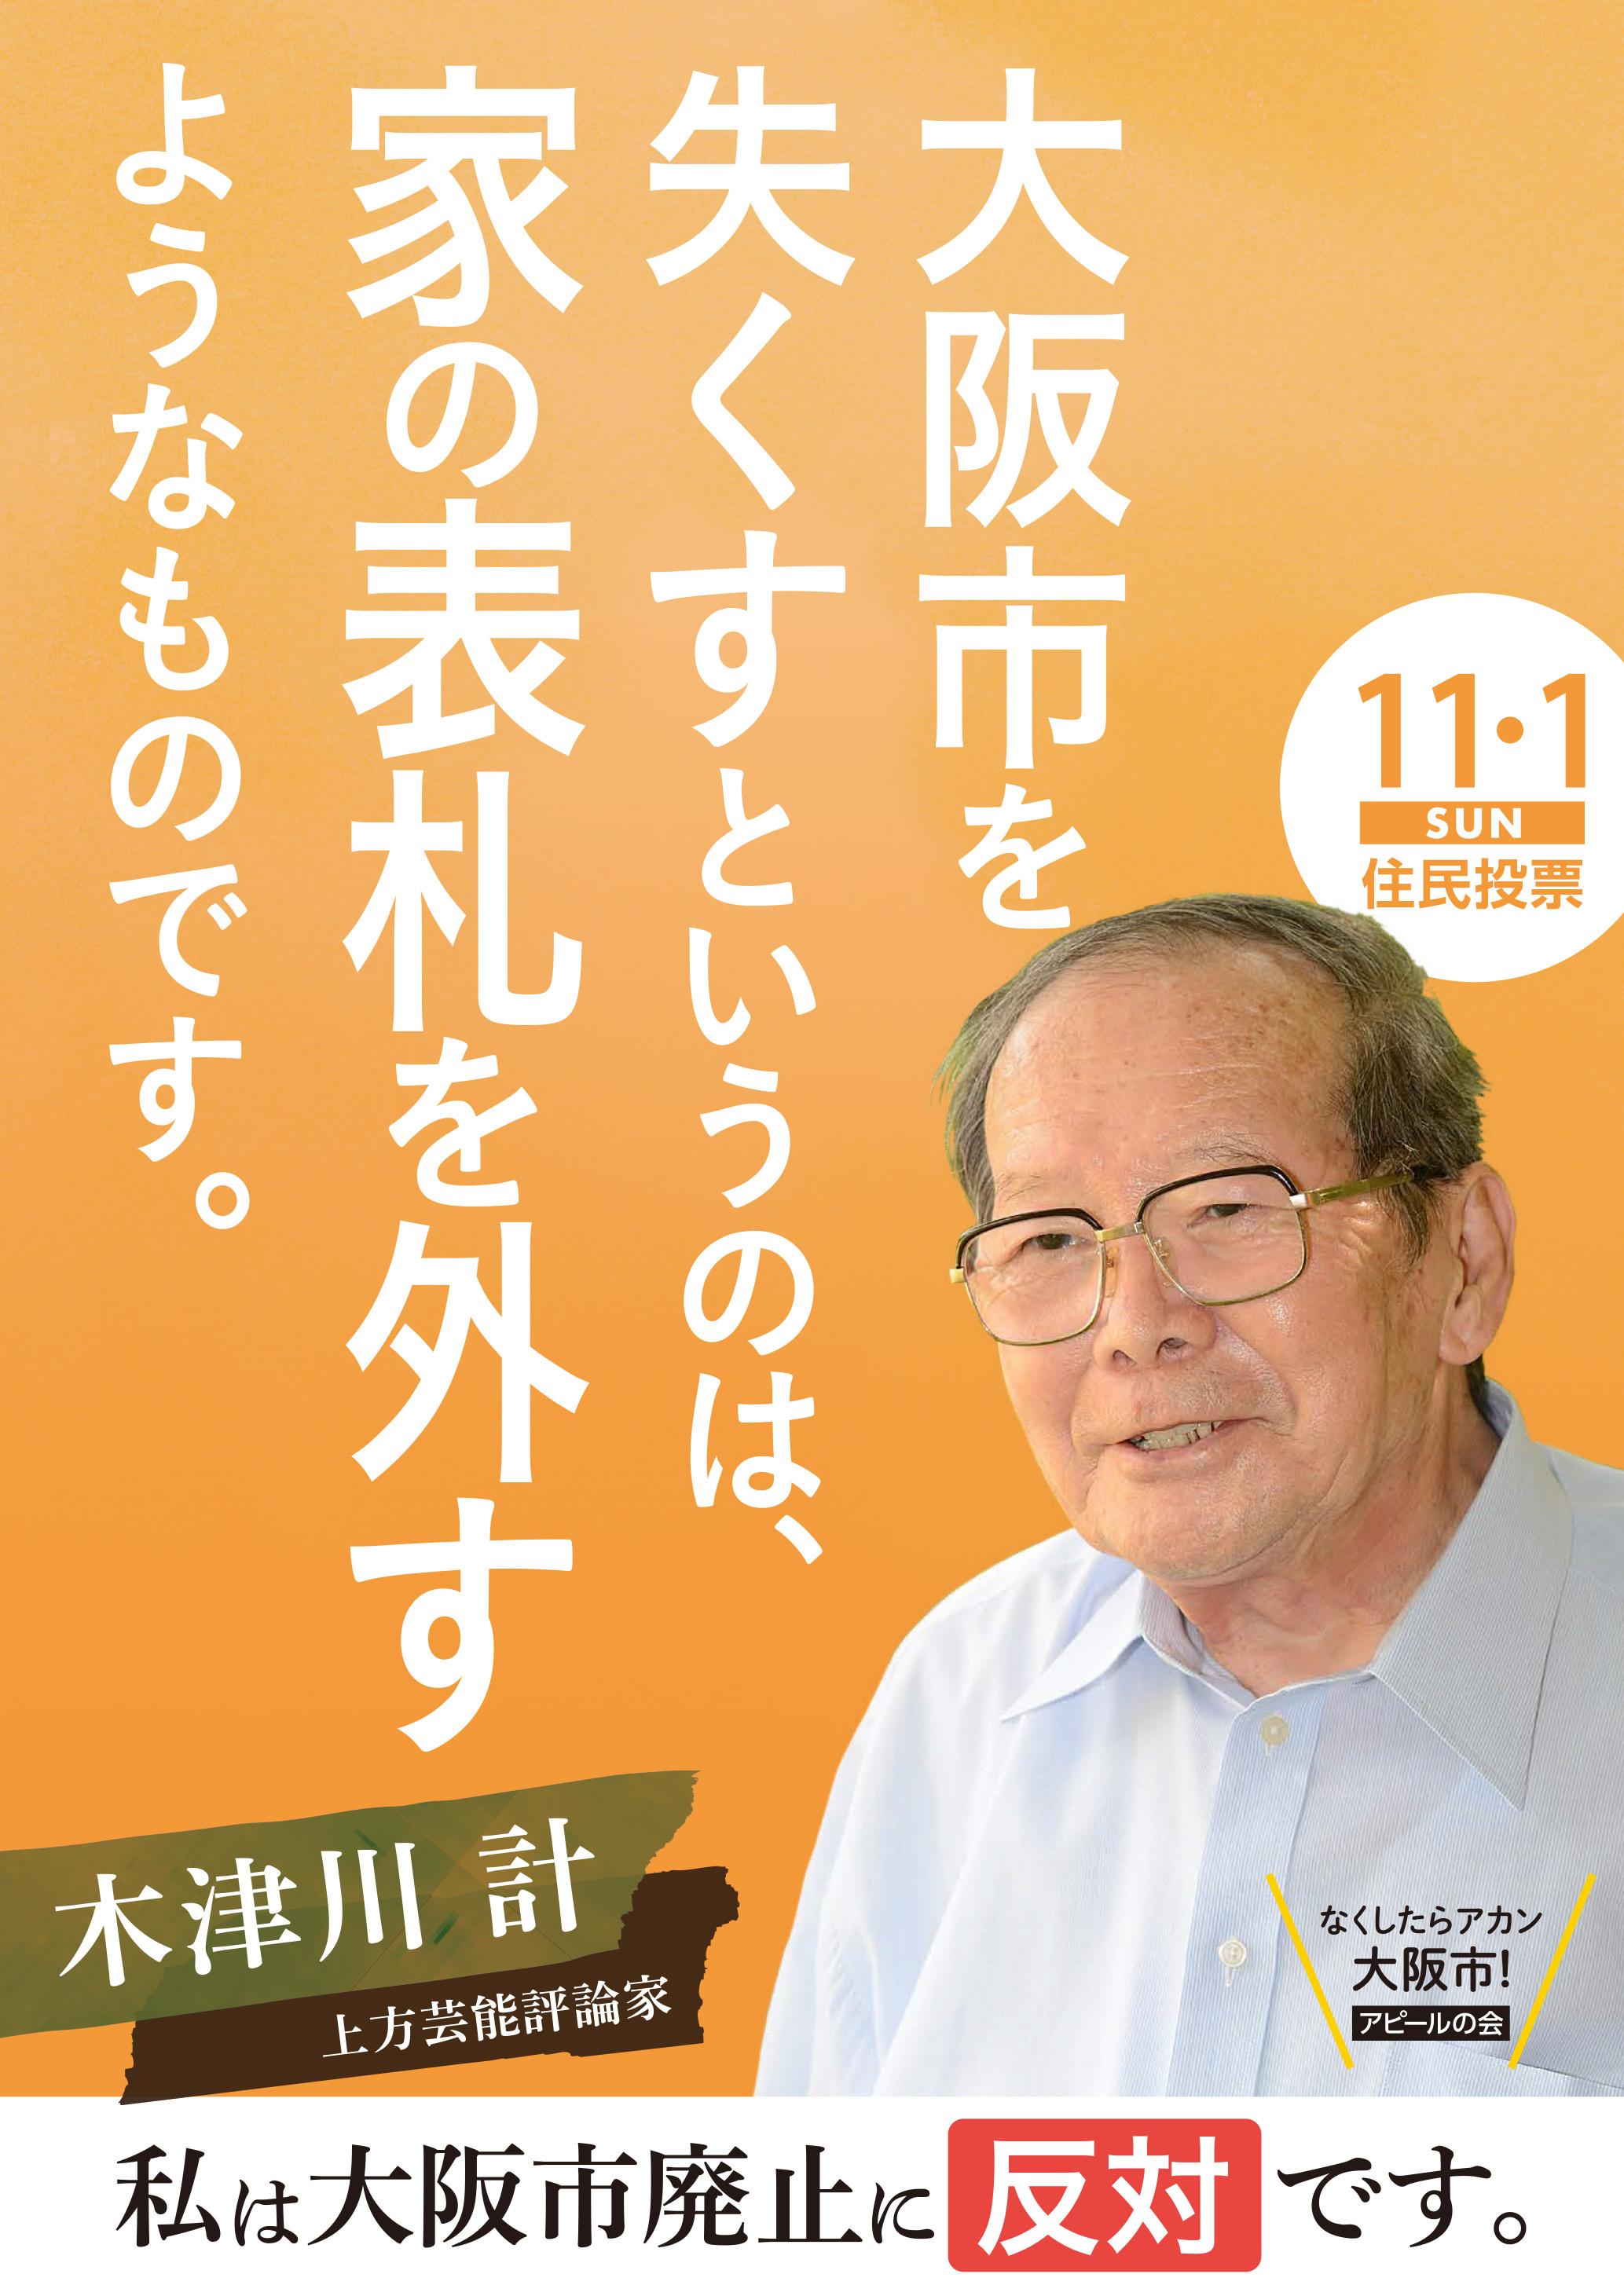 木津川 計氏(上方芸能評論家)